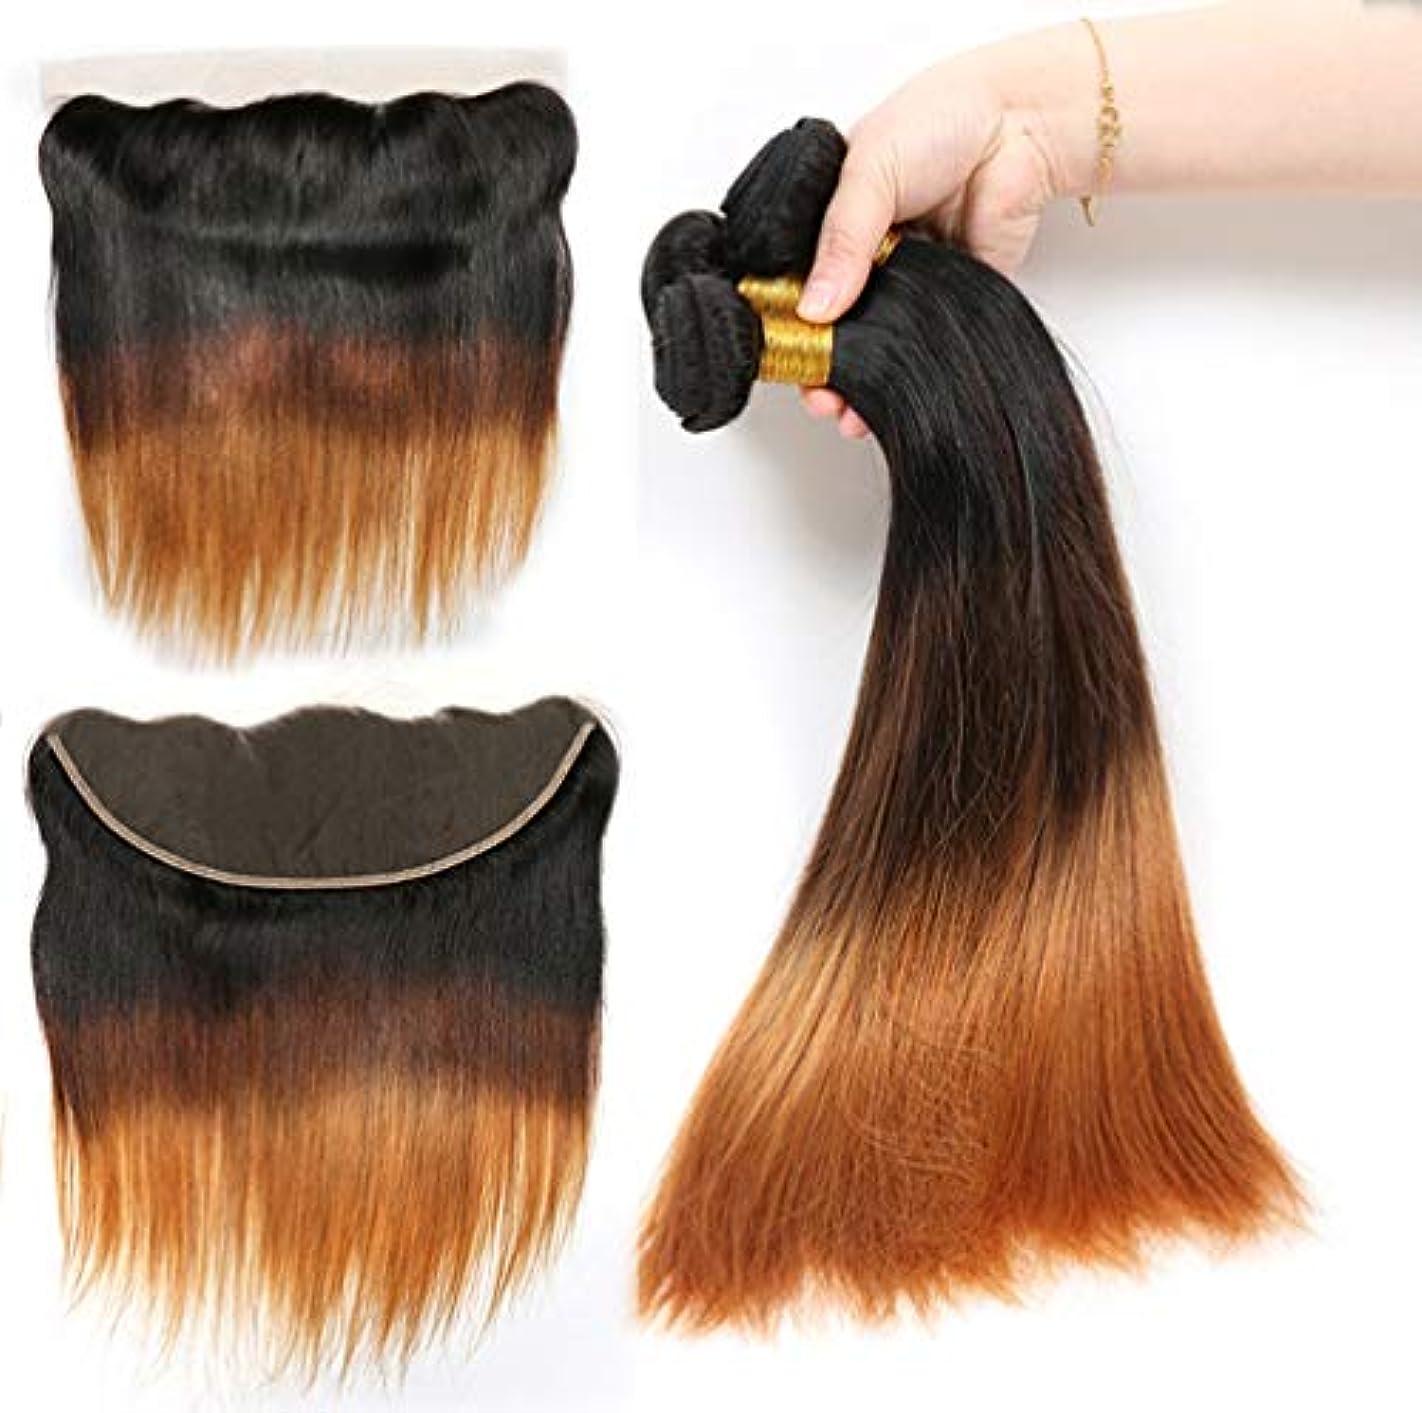 葉満足名前を作る女性ブラジルのストレートヘアバージンヘアクロージャーフリーパート3バンドル100%未処理レミー人間の毛延長